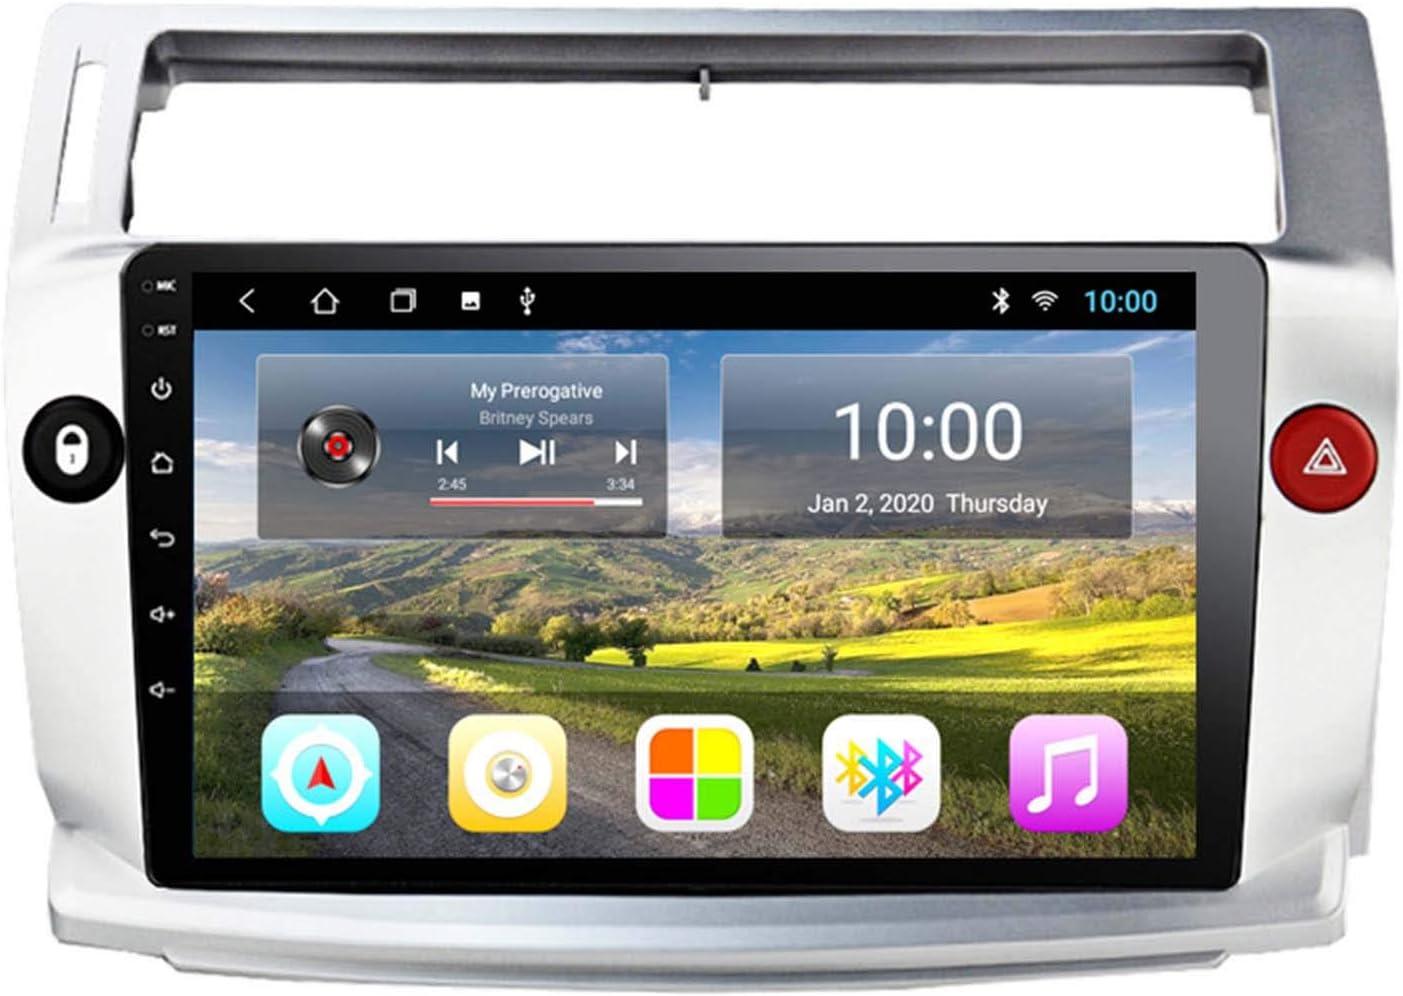 BBGG GPS 2G + 32GB Coche GPS Gran Pantalla De Inversión De Video En Reversión De La Máquina All-in-One para Citroen C4 Sega 04-09 Navegación GPS, Notificación De Voz De Varias Condiciones De Tráfico